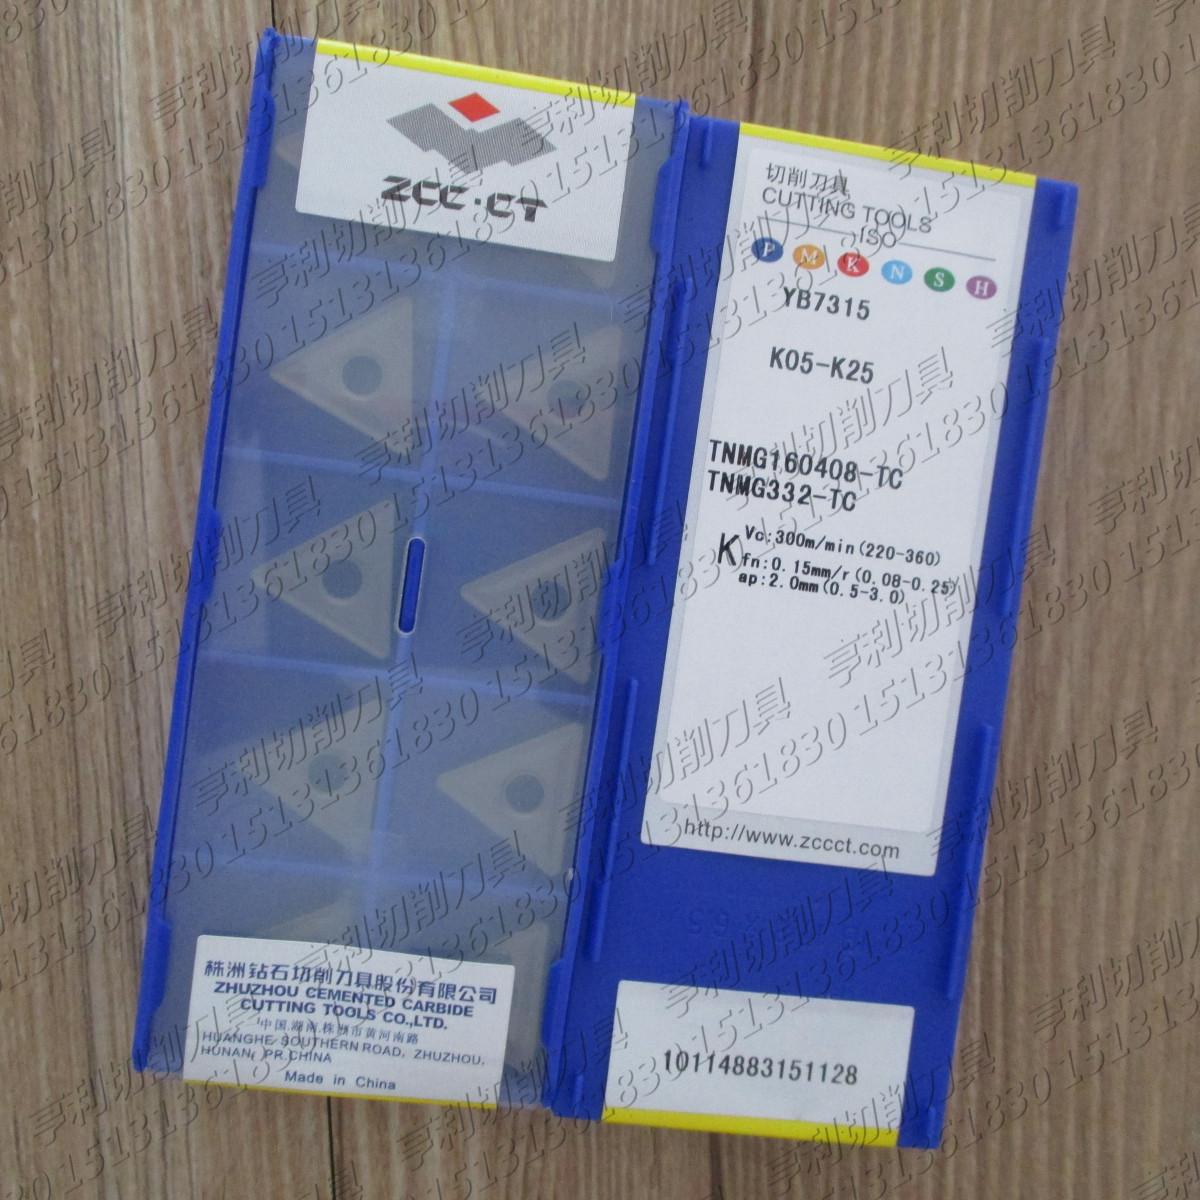 原装正品株洲钻石数控刀片 TNMG160408-TC  YB7315 特价批发销售